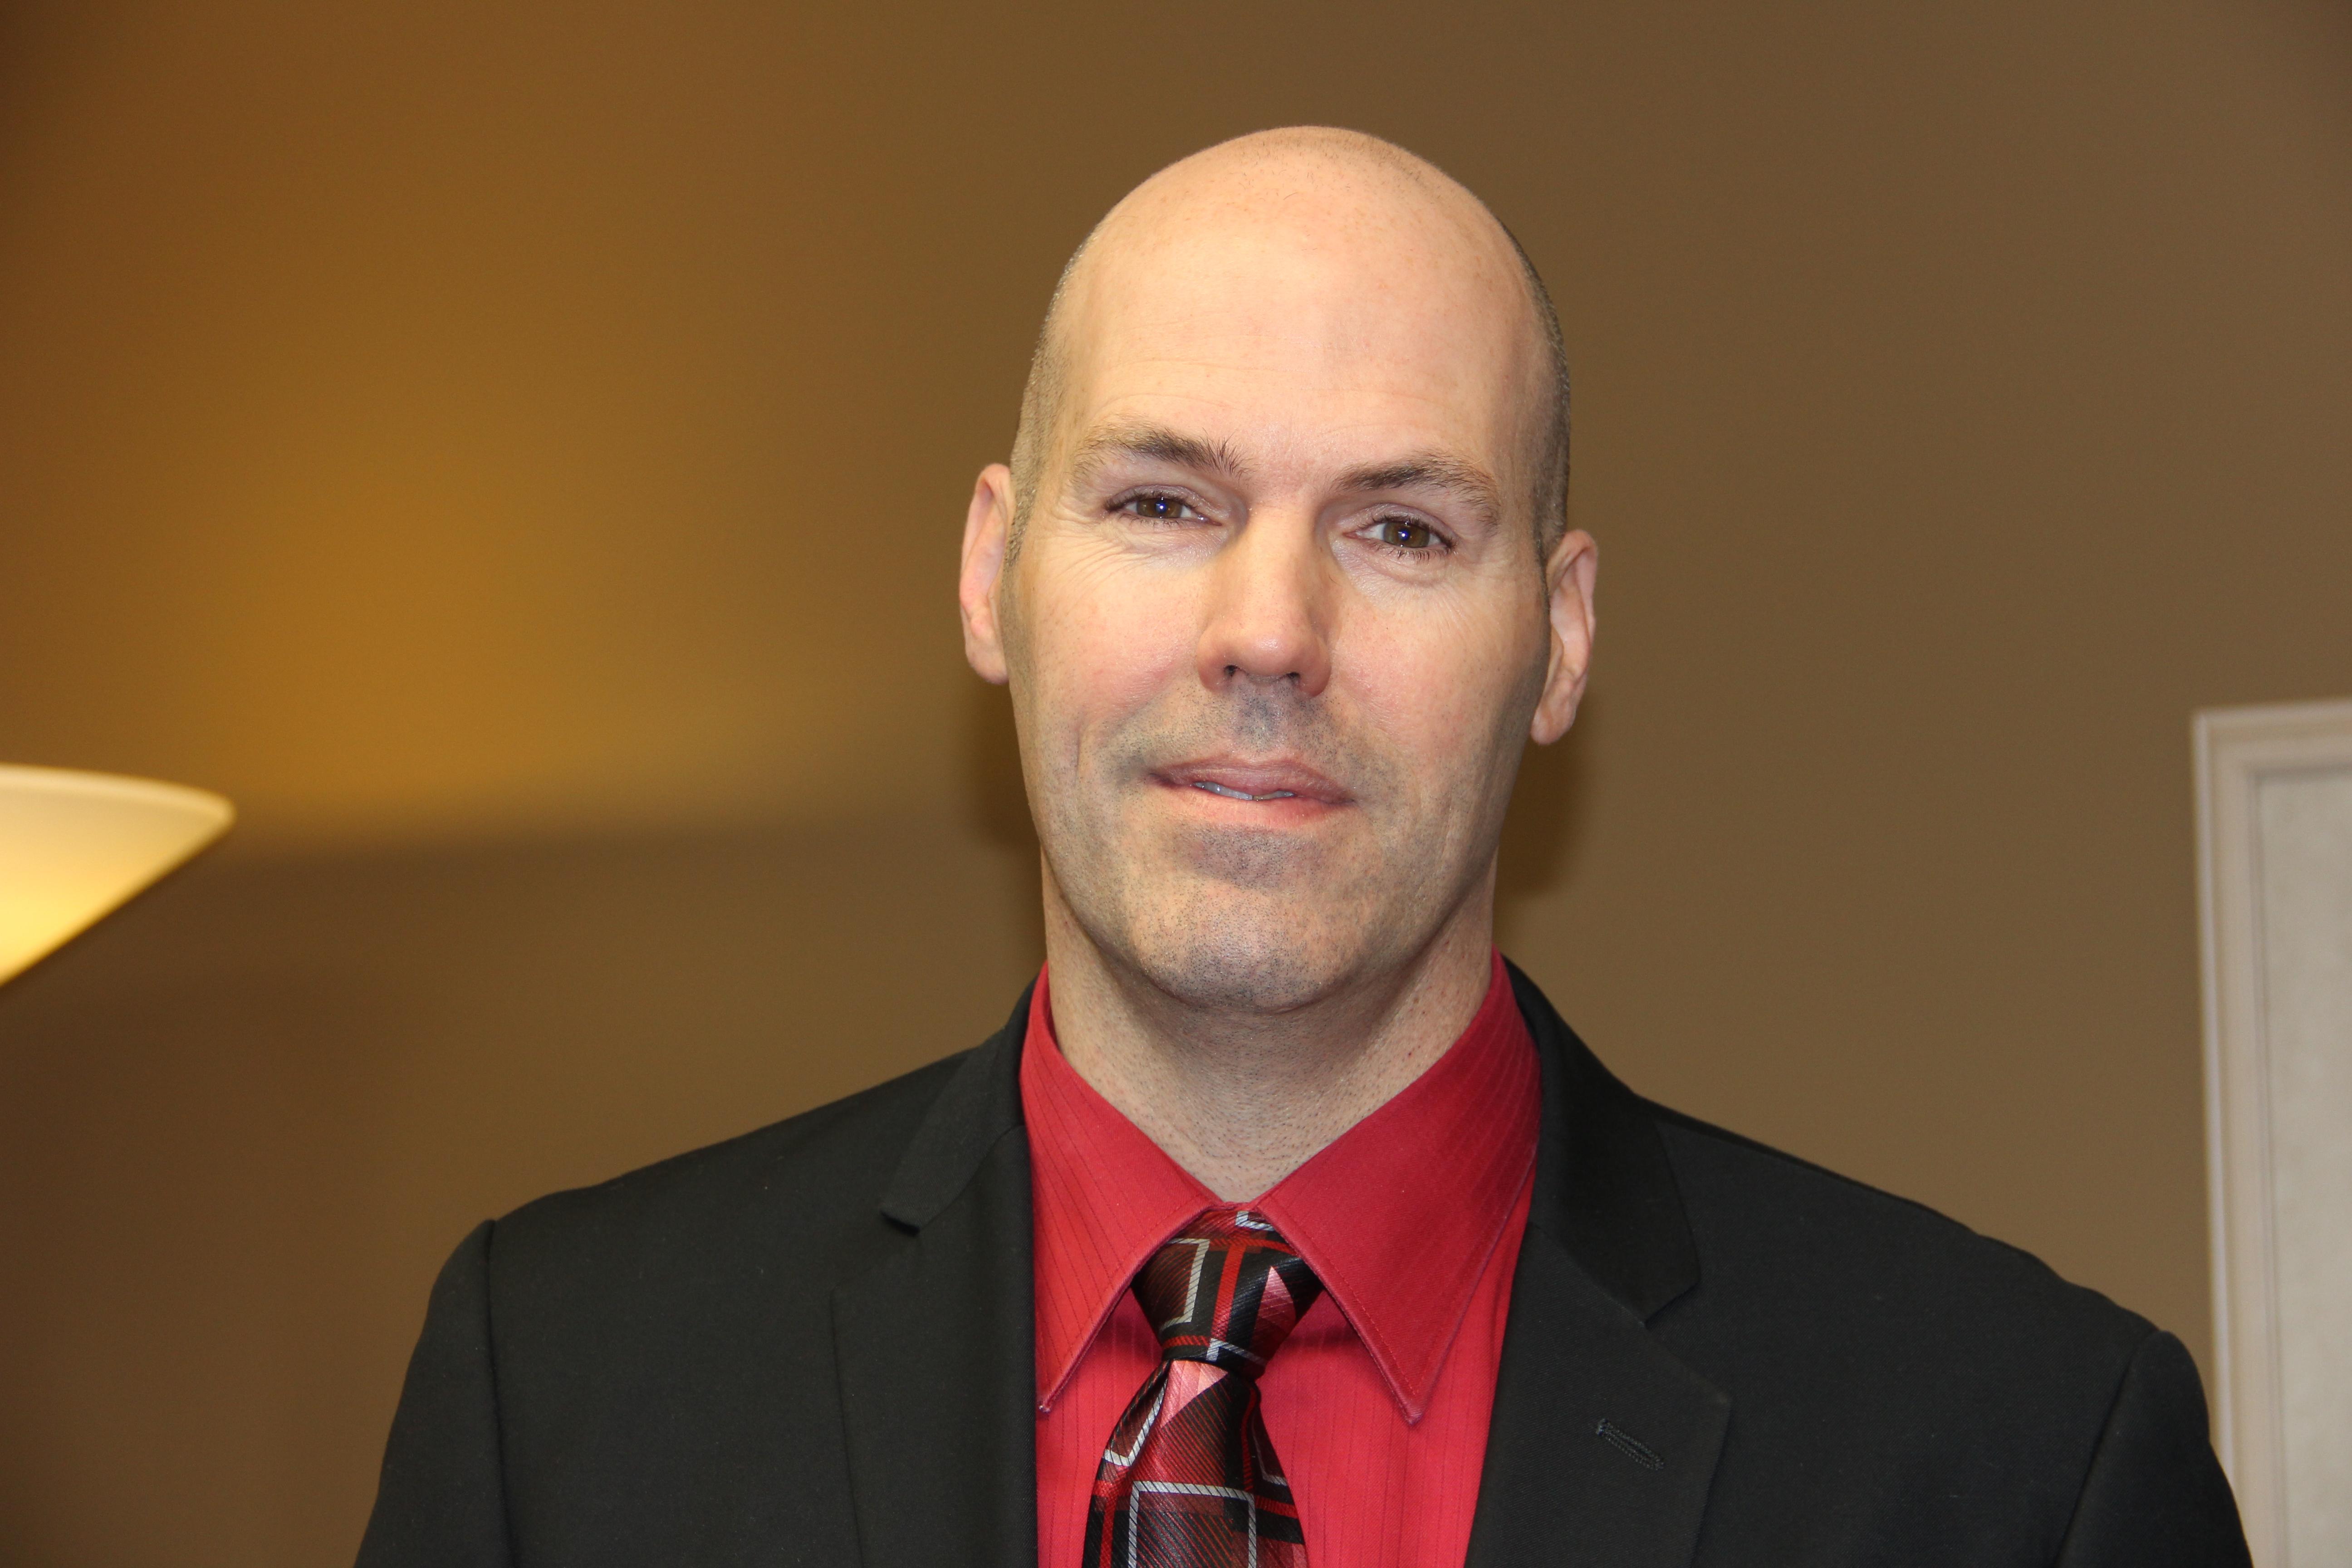 Eric Skog